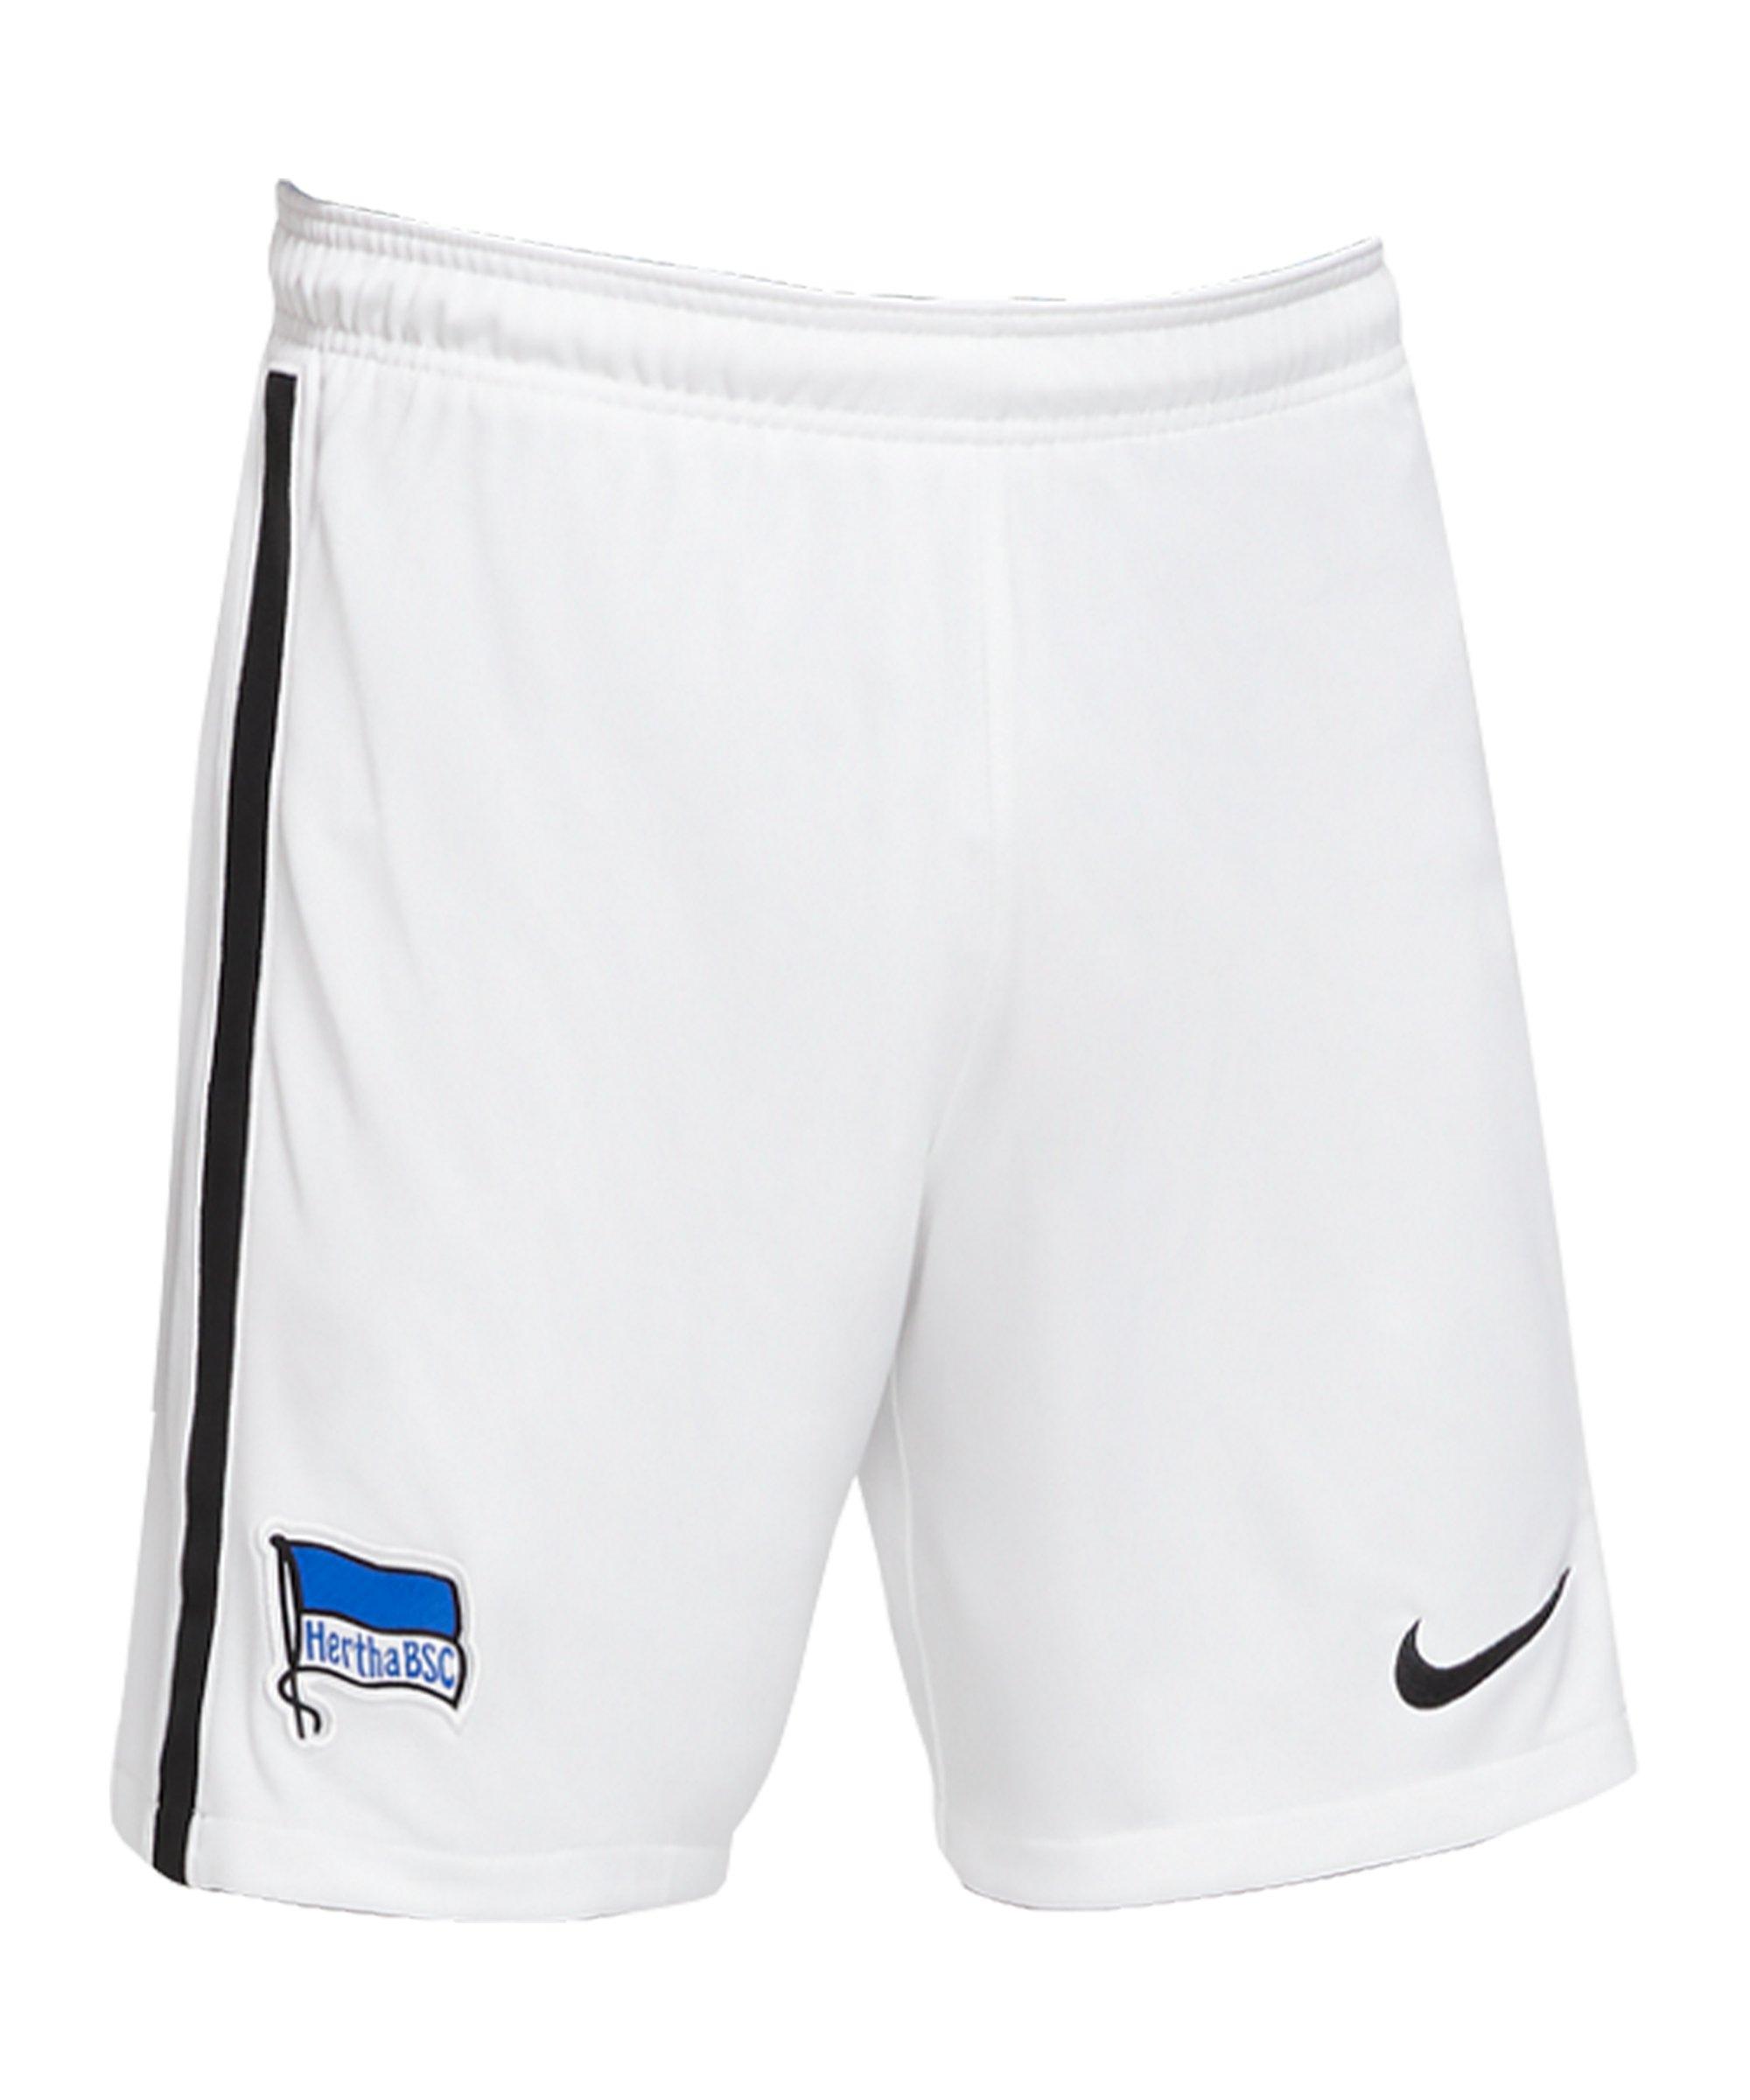 Nike Hertha BSC Berlin Short Home 2020/2021 Weiss F100 - weiss